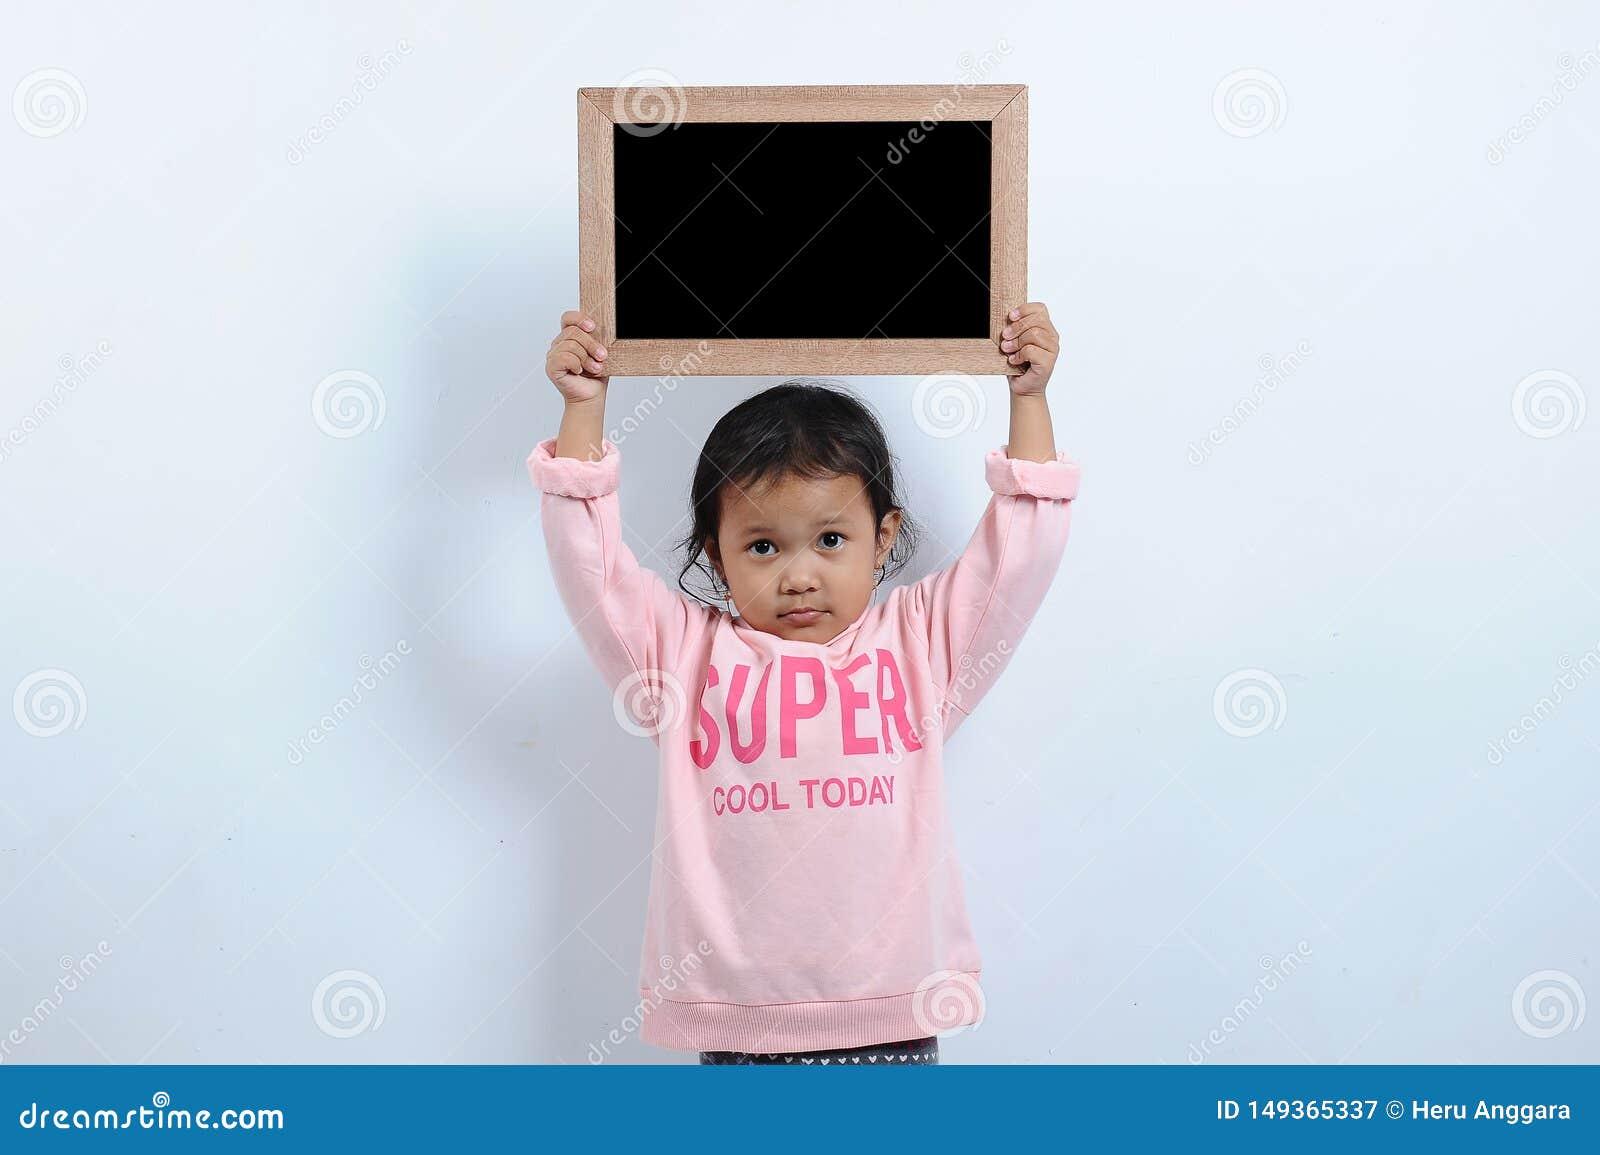 Klippt asiatisk flicka som rymmer den tomma svart tavlan eller svart tavla Du kan smsa det tillbaka till skola